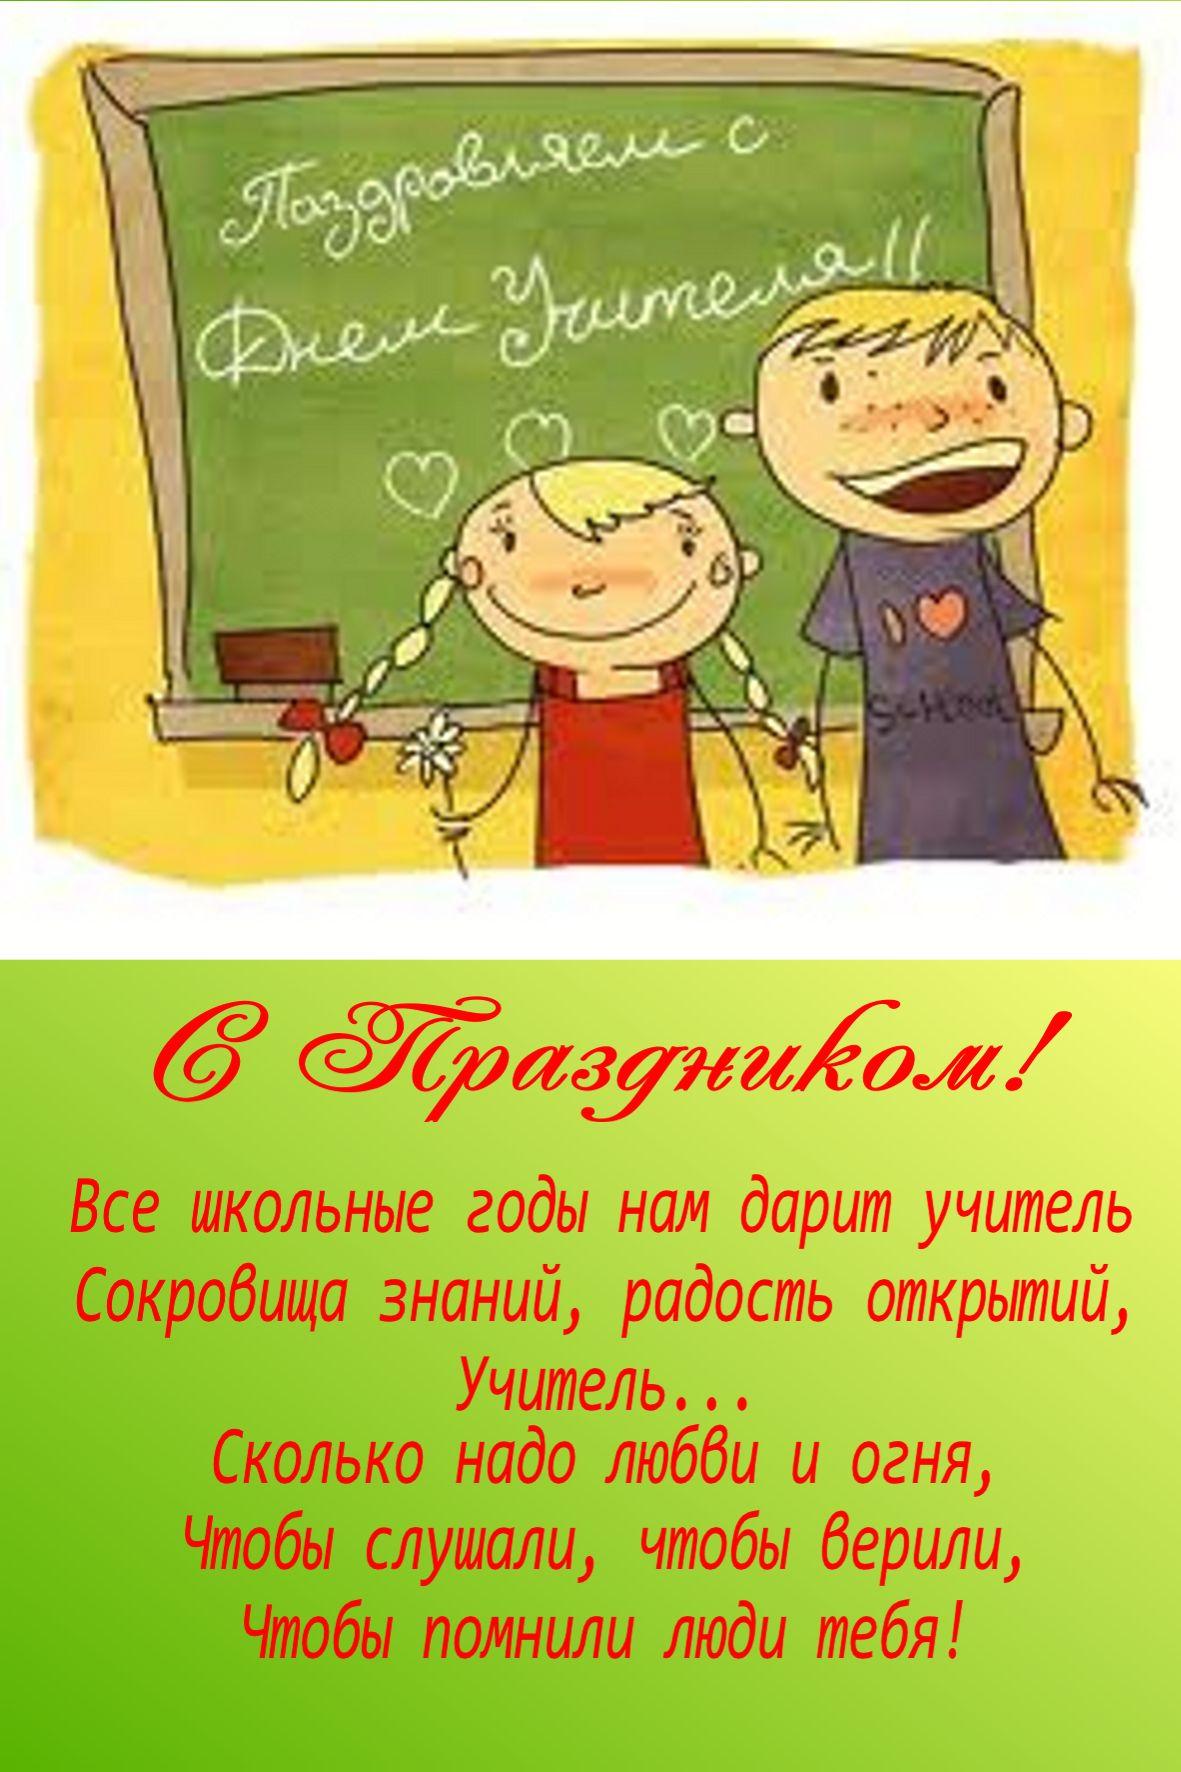 Стенгазета на День учителя своими руками на ватмате фото 52